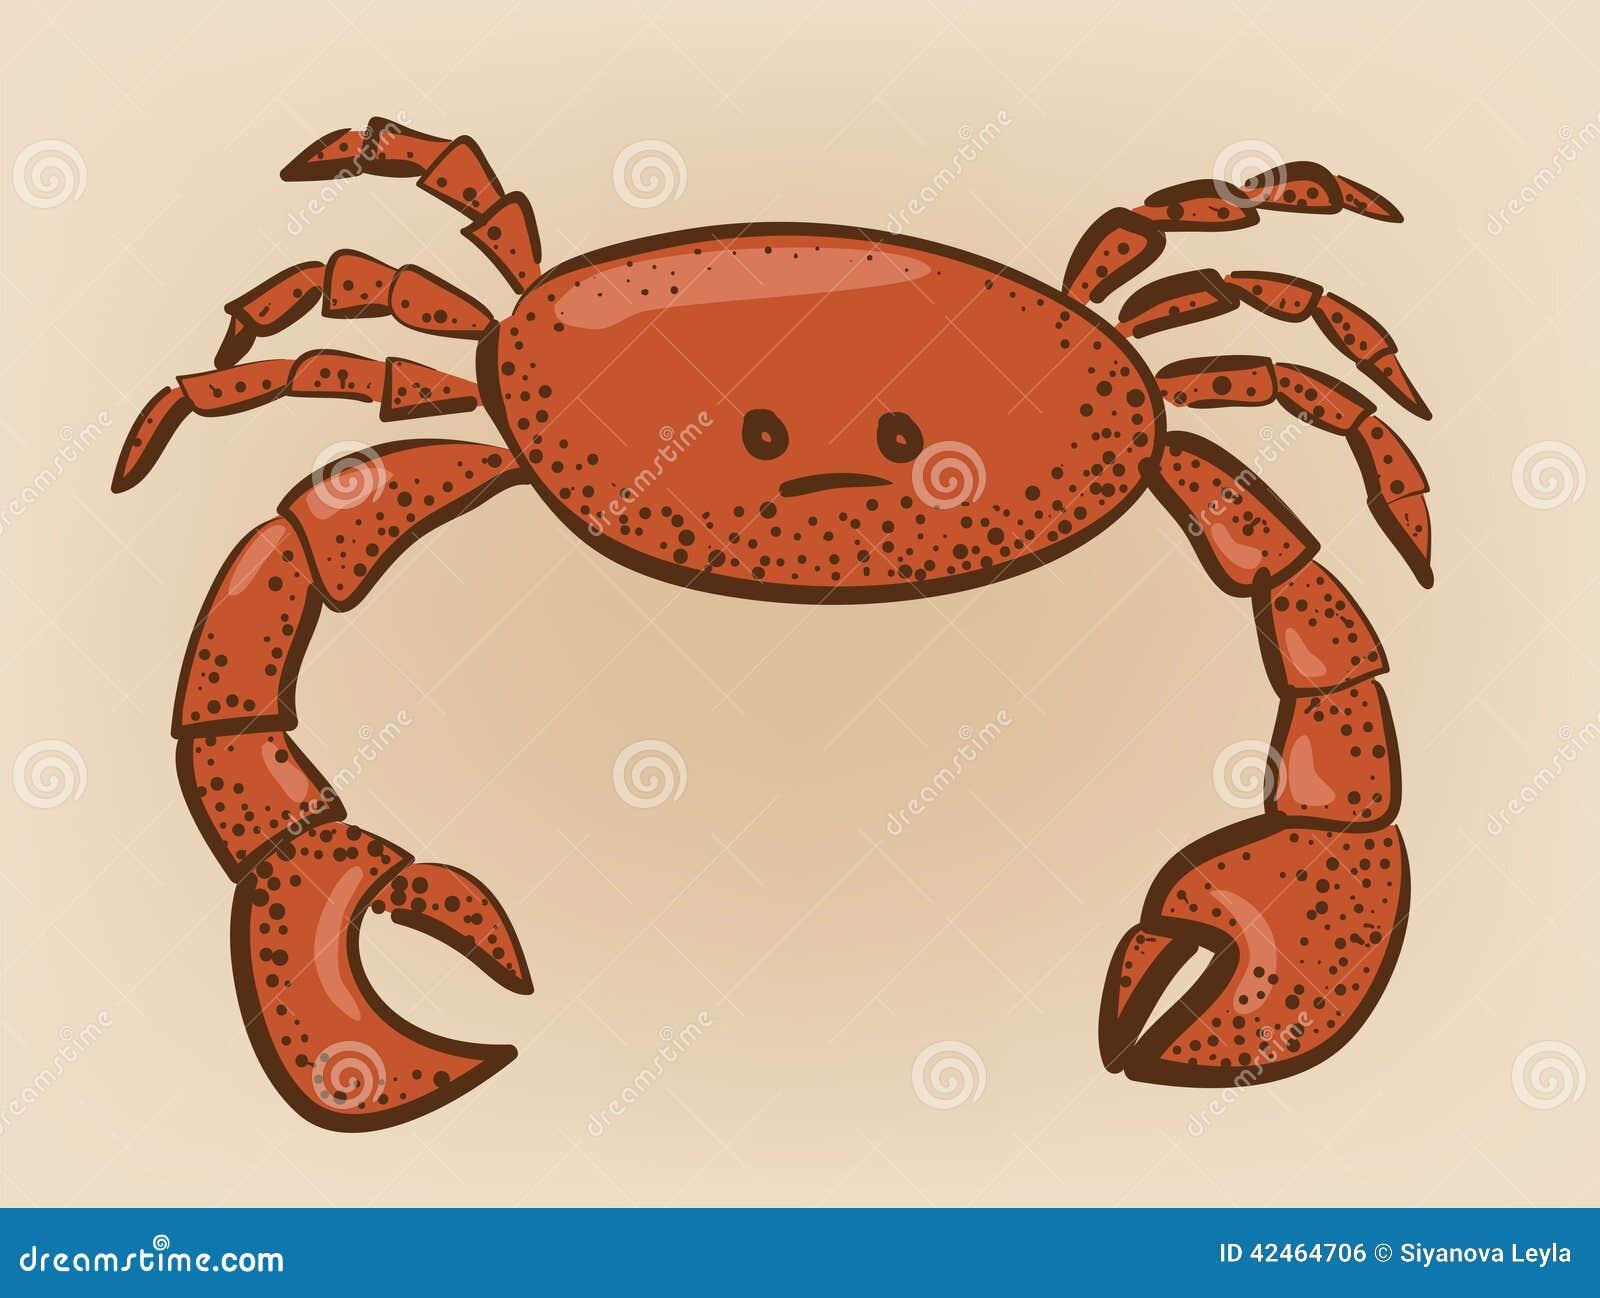 Rot färbte Krabbe mit Flecken von Zusammenfassung I des reflektierten Lichtes